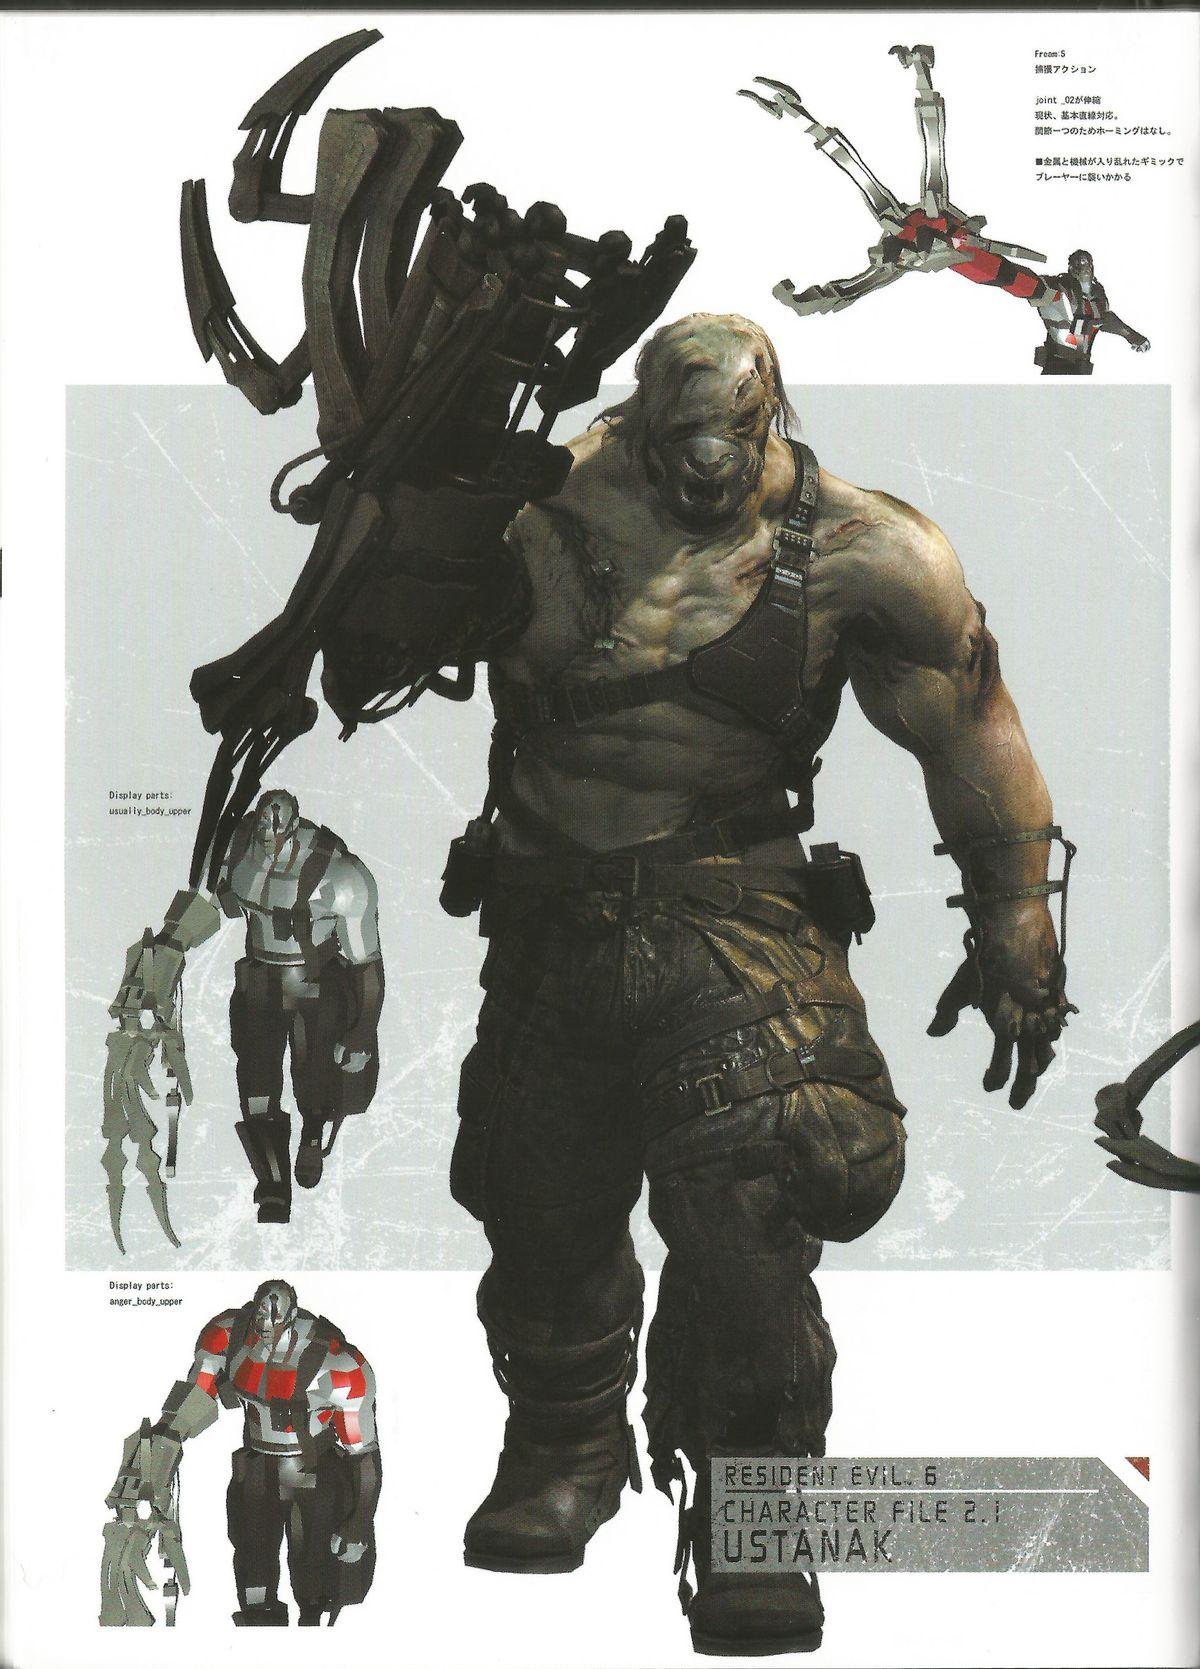 Resident evil 6 - ps3 artwork